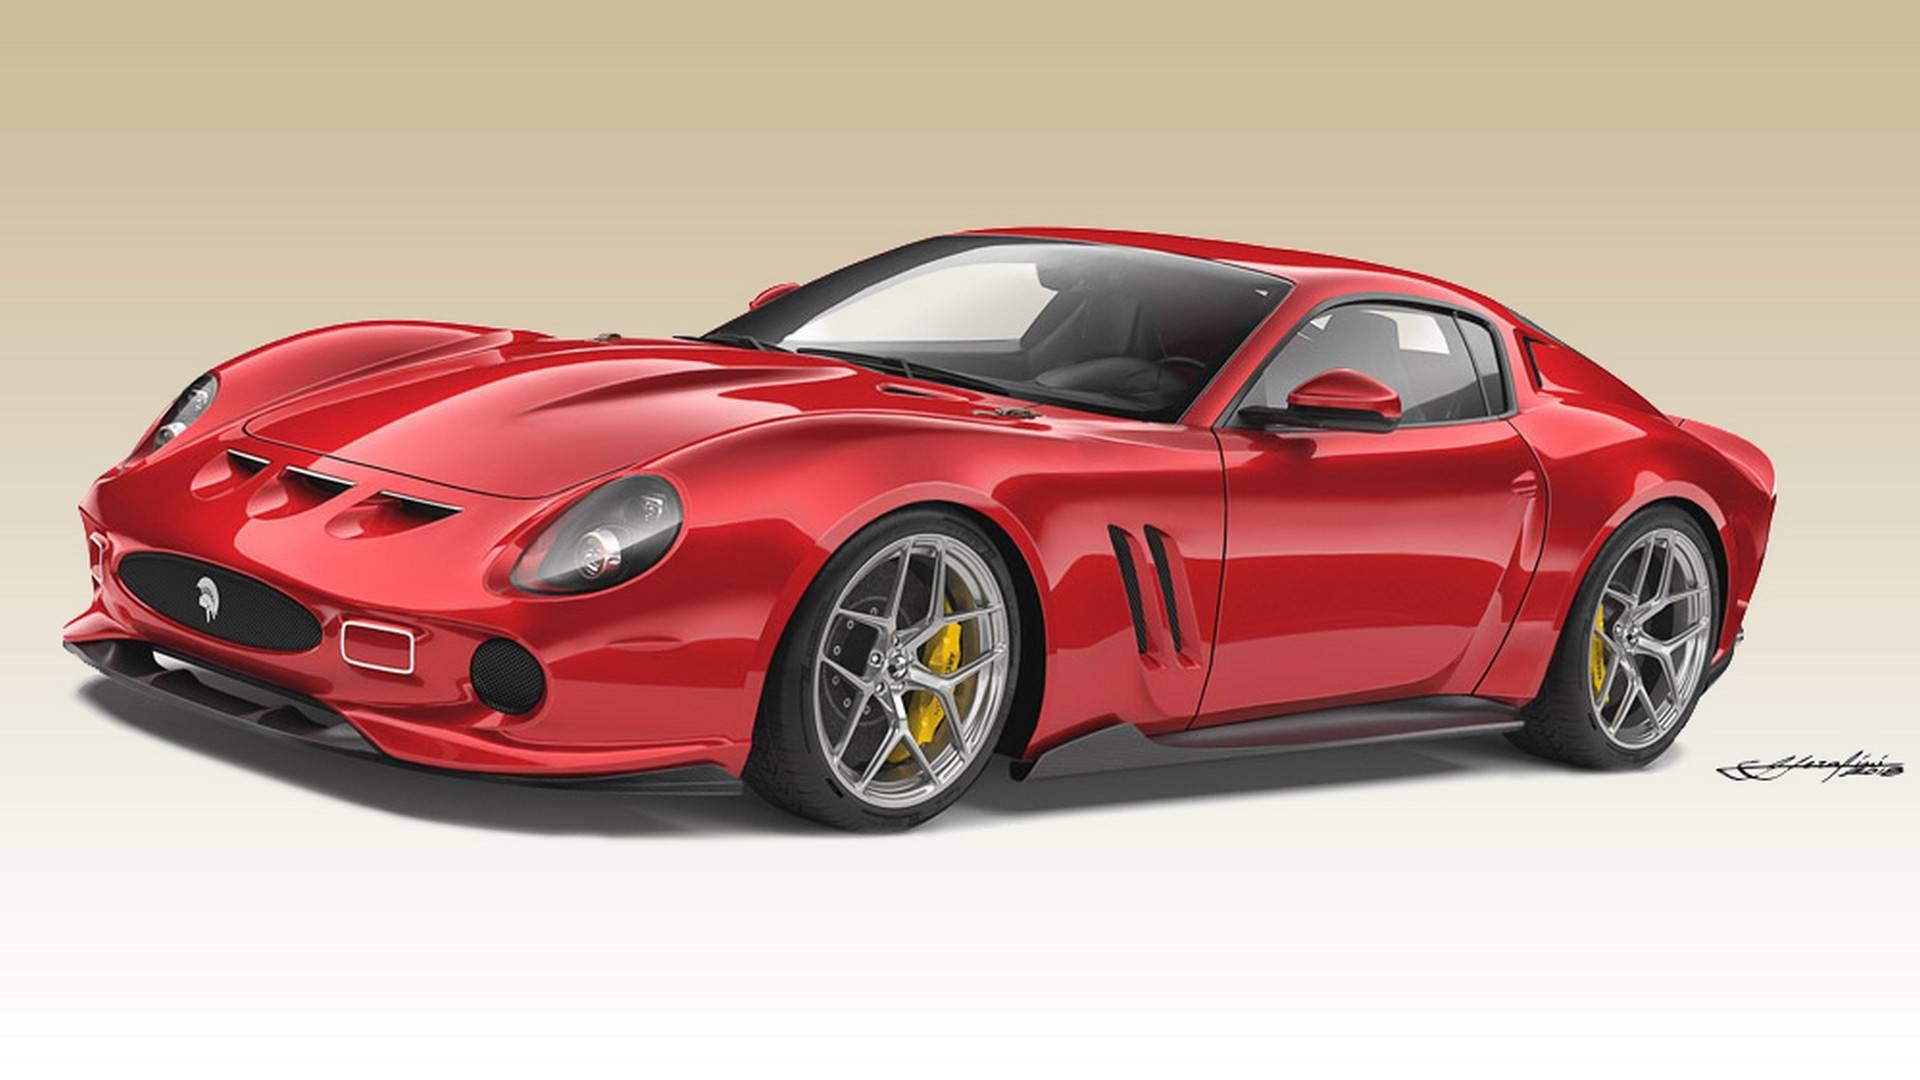 Ferrari_250_GTO_by_Ares_Design_0000